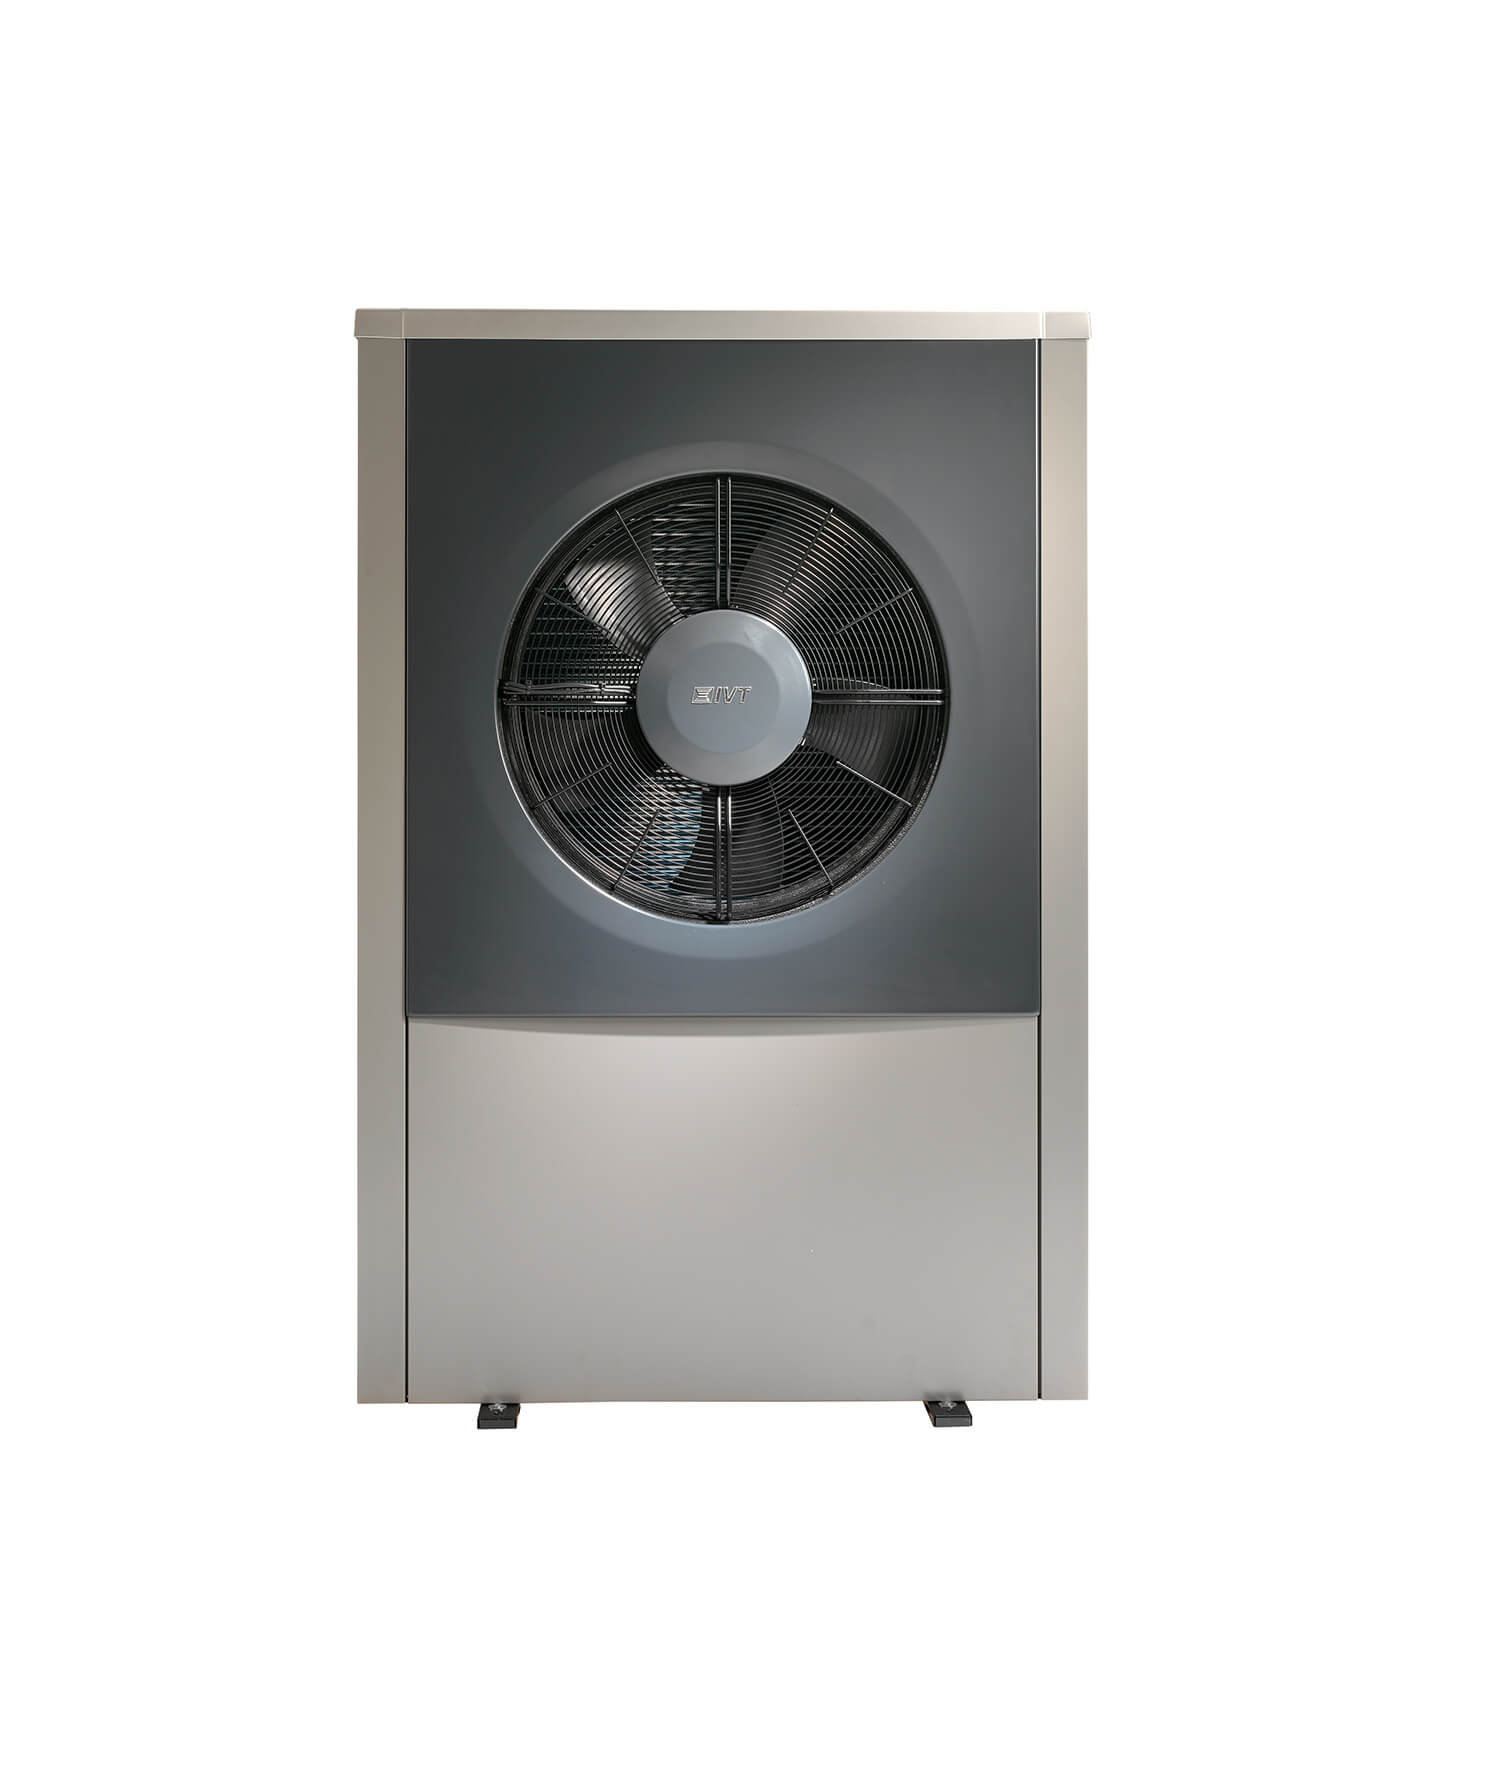 Award Winning IVT AirX Air Source Heat Pump